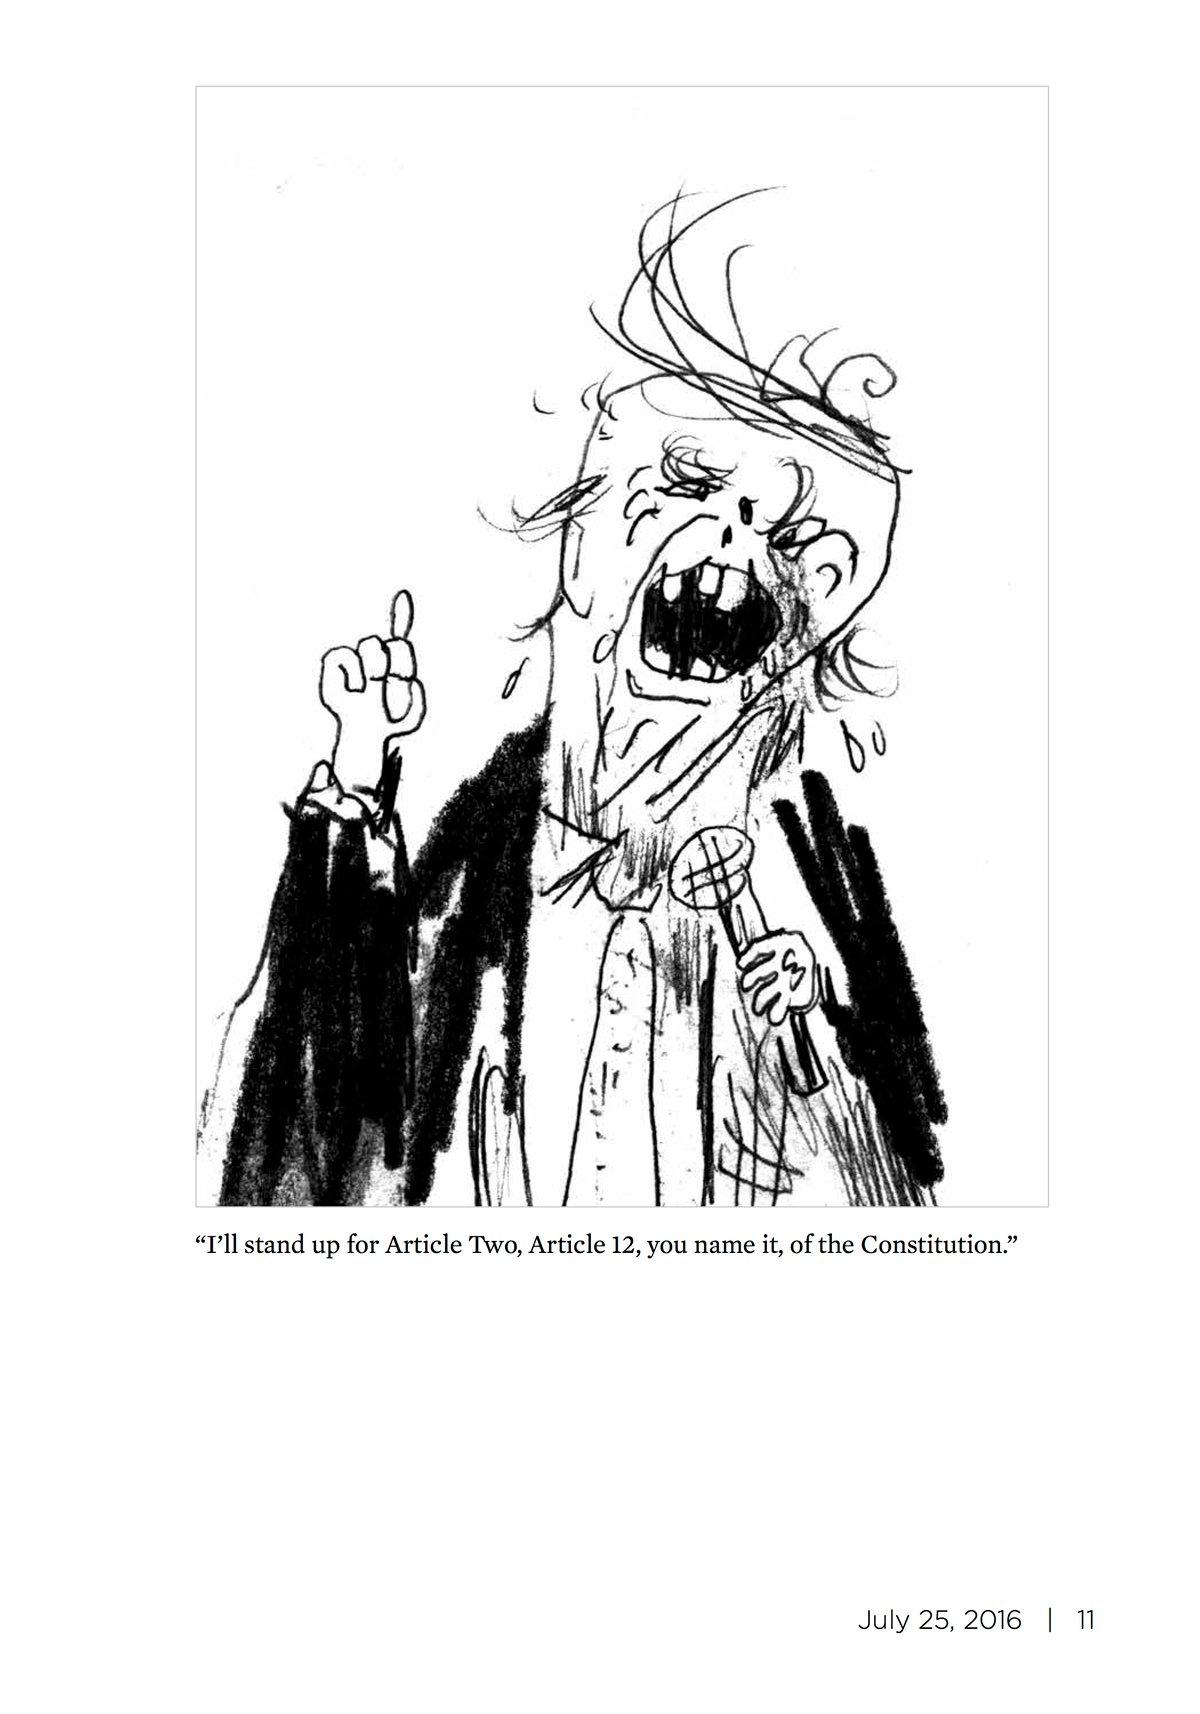 Image of TRUMPTRUMP #1 by Warren Craghead III